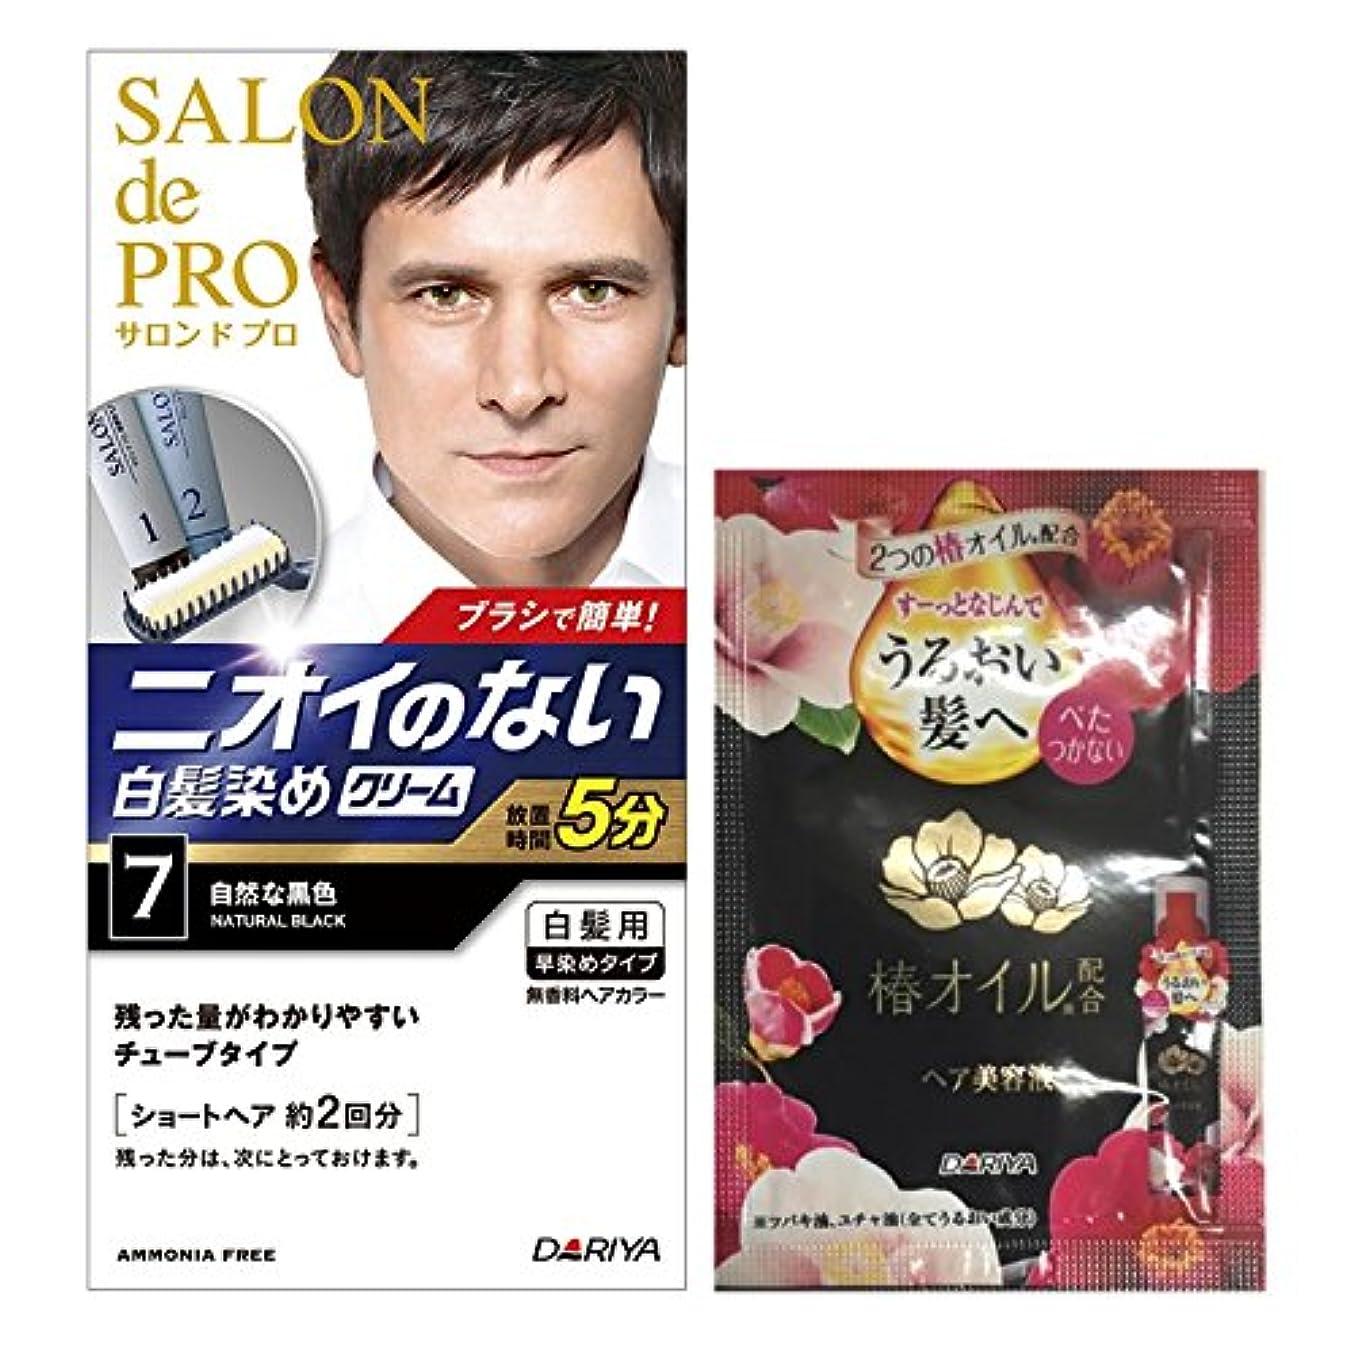 【サンプル付き】サロンドプロ無香料ヘアクリーム早染めメンズクリーム7 椿美容液景品付